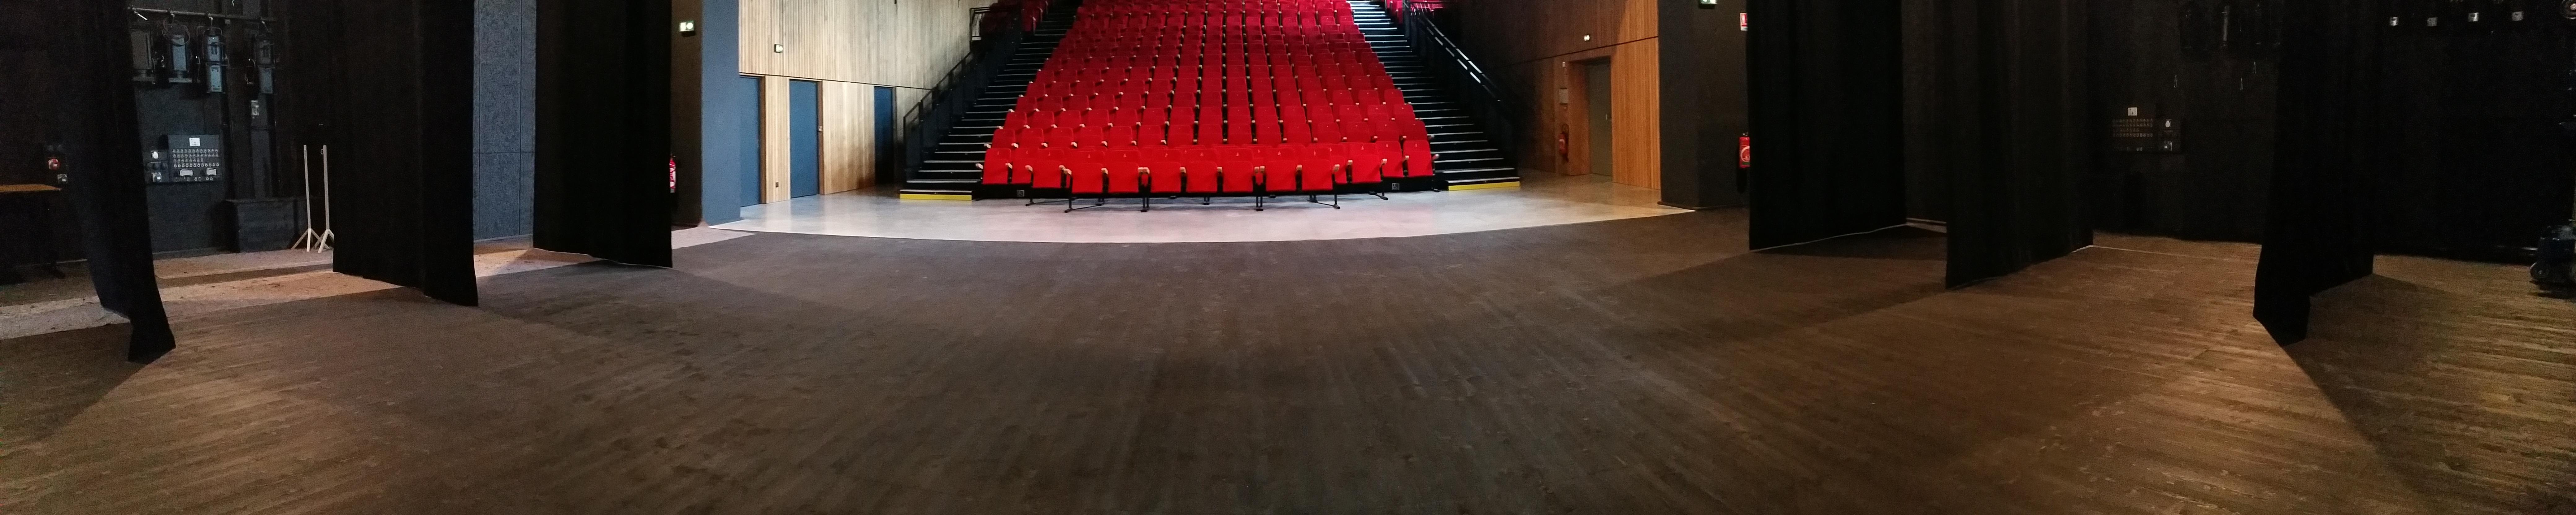 Plancher de scène de la Salle Aliénor d'Aquitaine à Mussidan